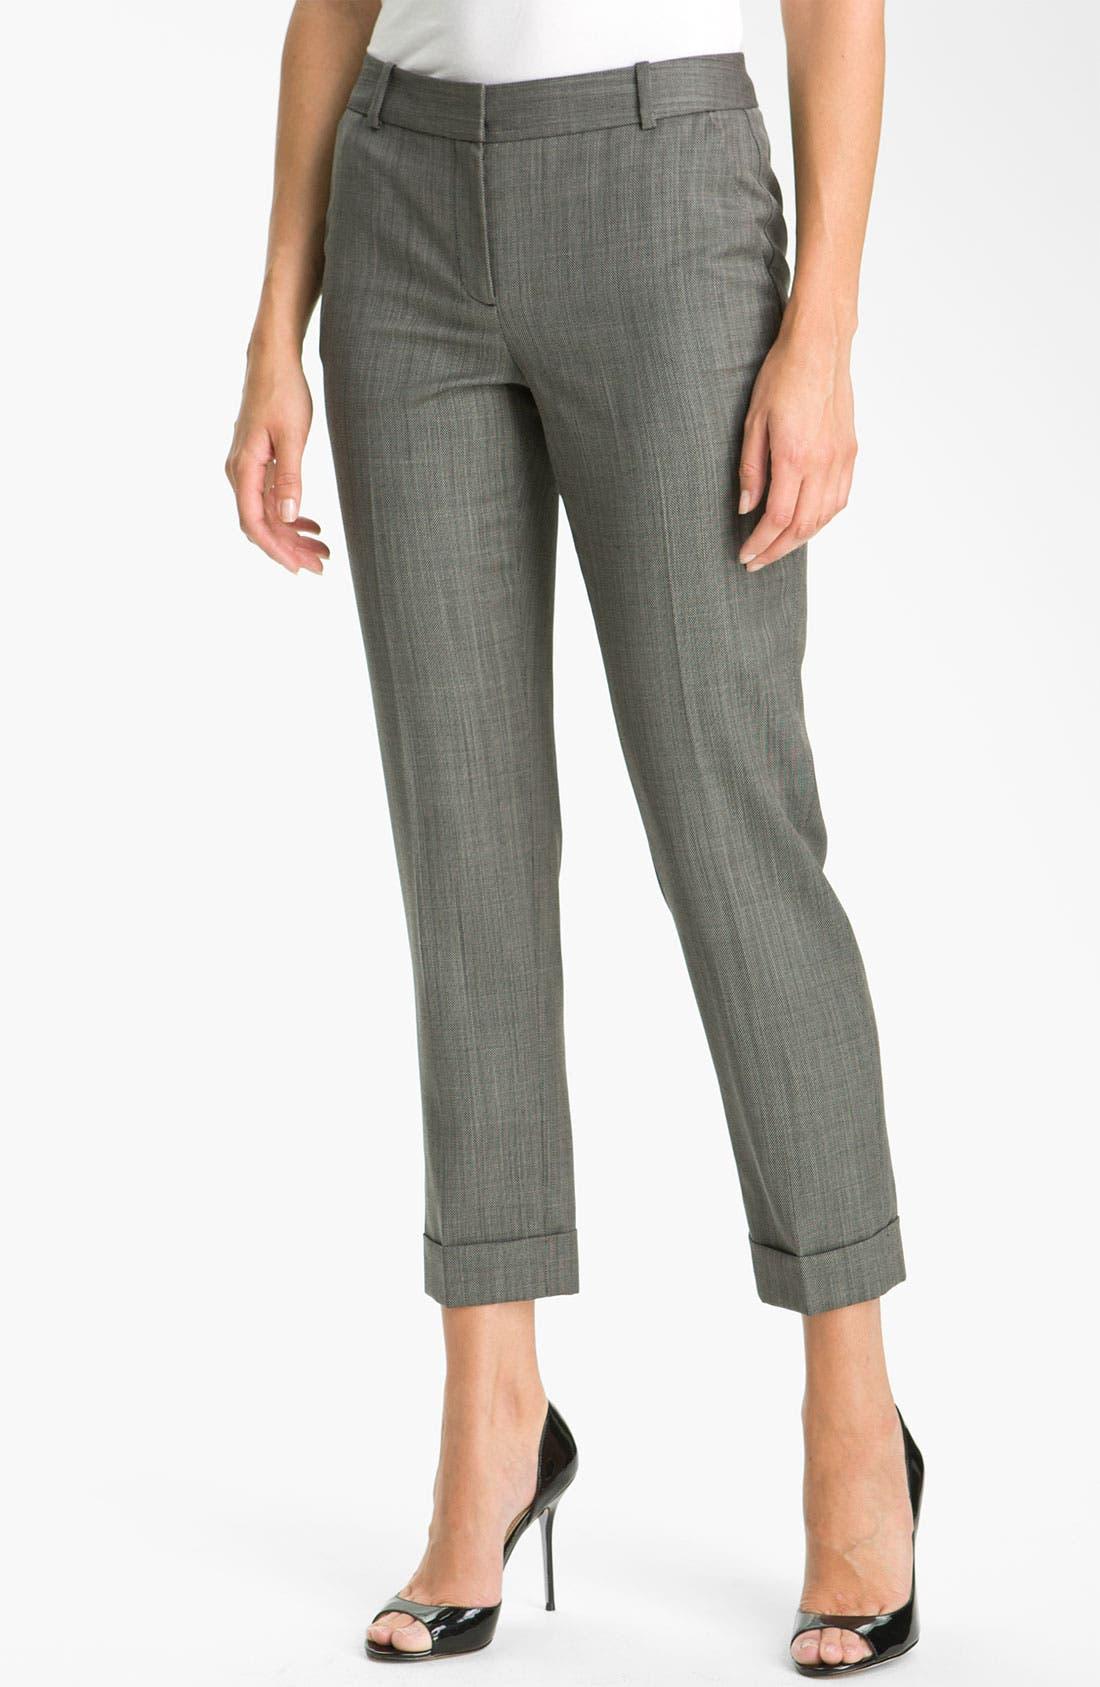 Main Image - Classiques Entier® 'Minuet' Textured Ankle Pants